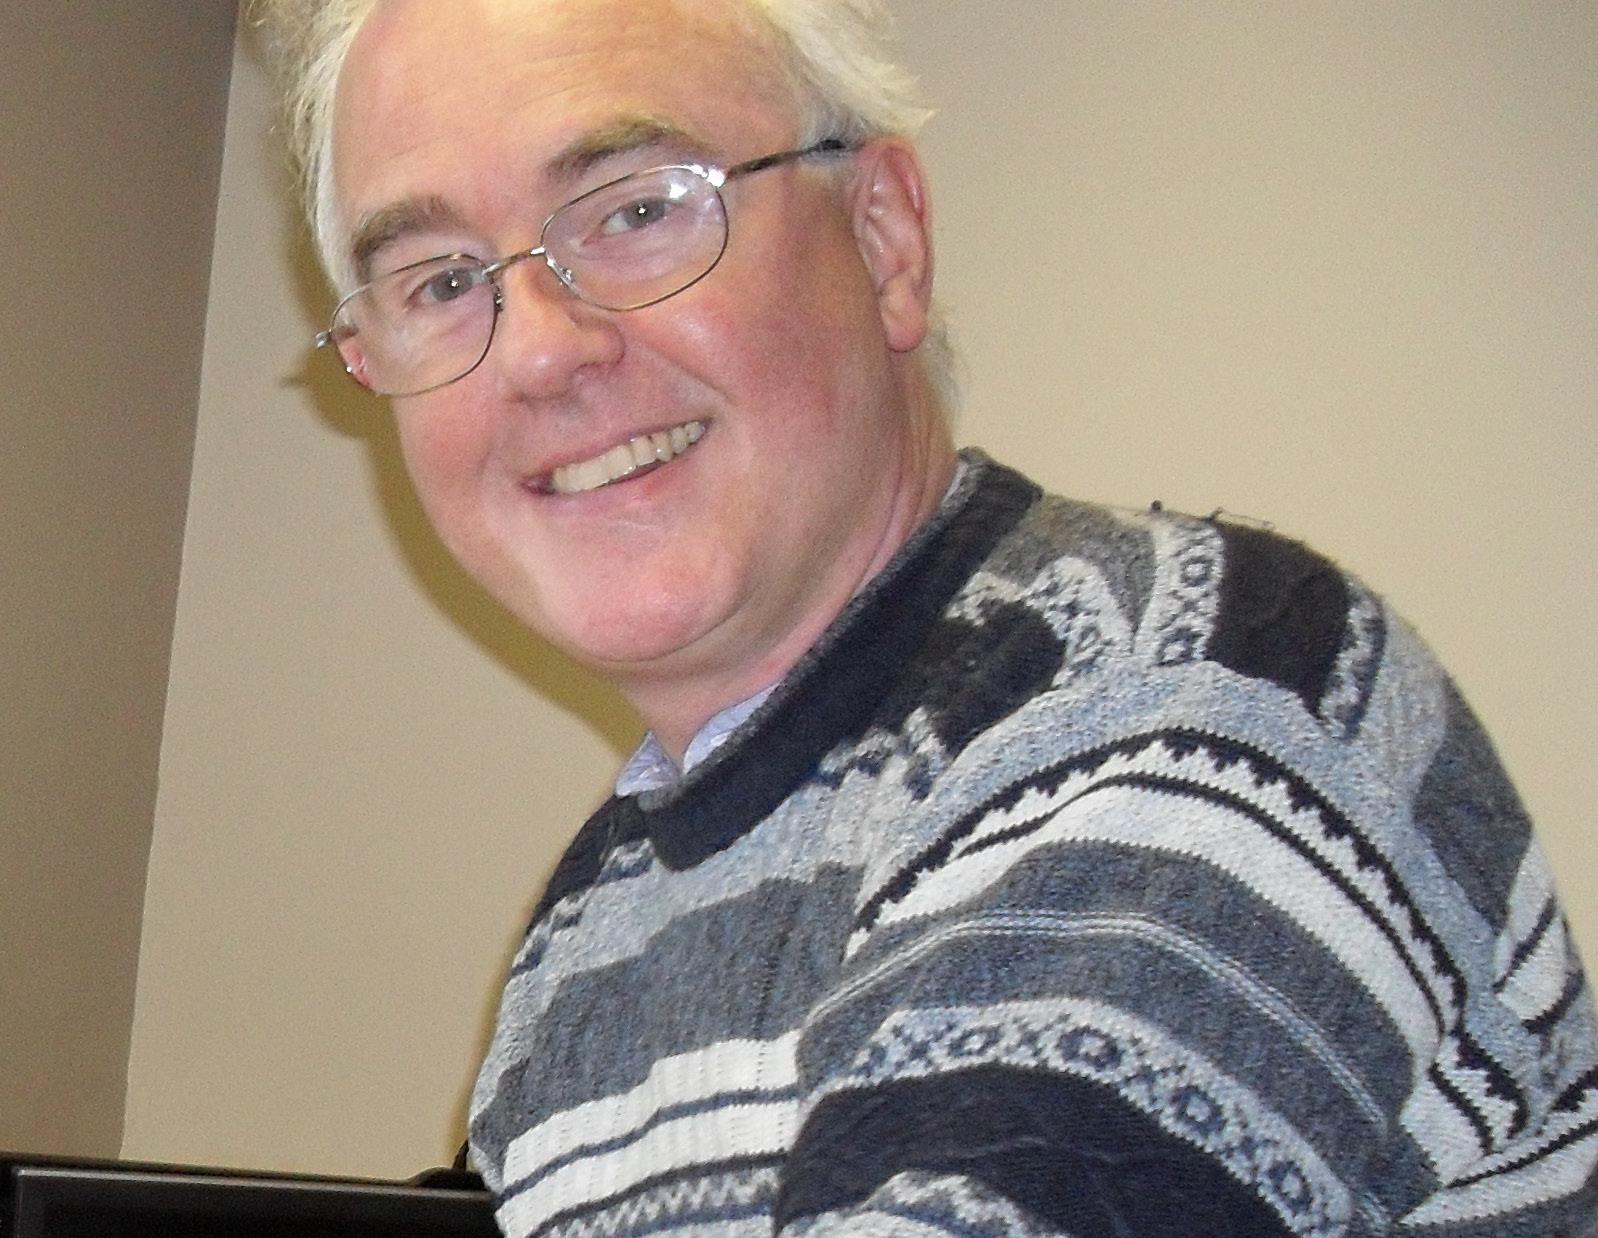 Kevin Stamp